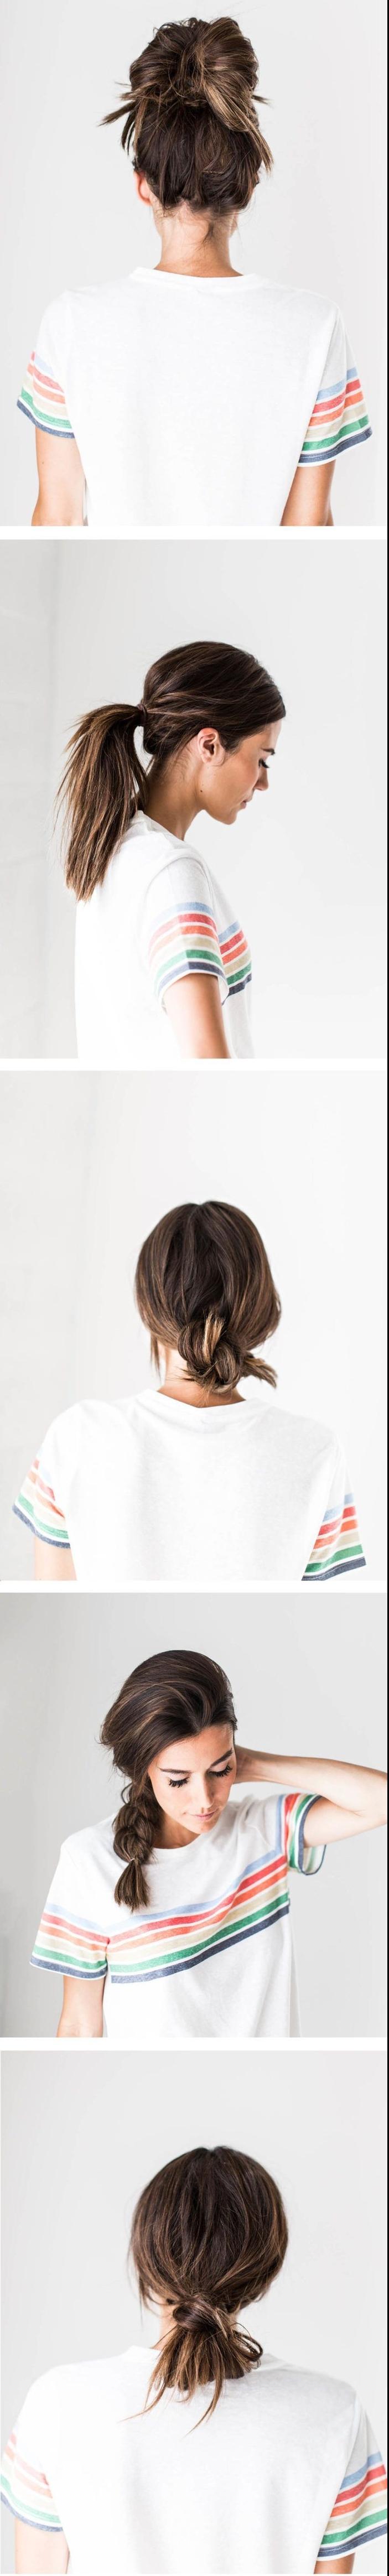 cinq idées pour une coiffure simple cheveux mi long pour ces jours où le temps presse, cinq coiffures attachés pour des cheveux sales